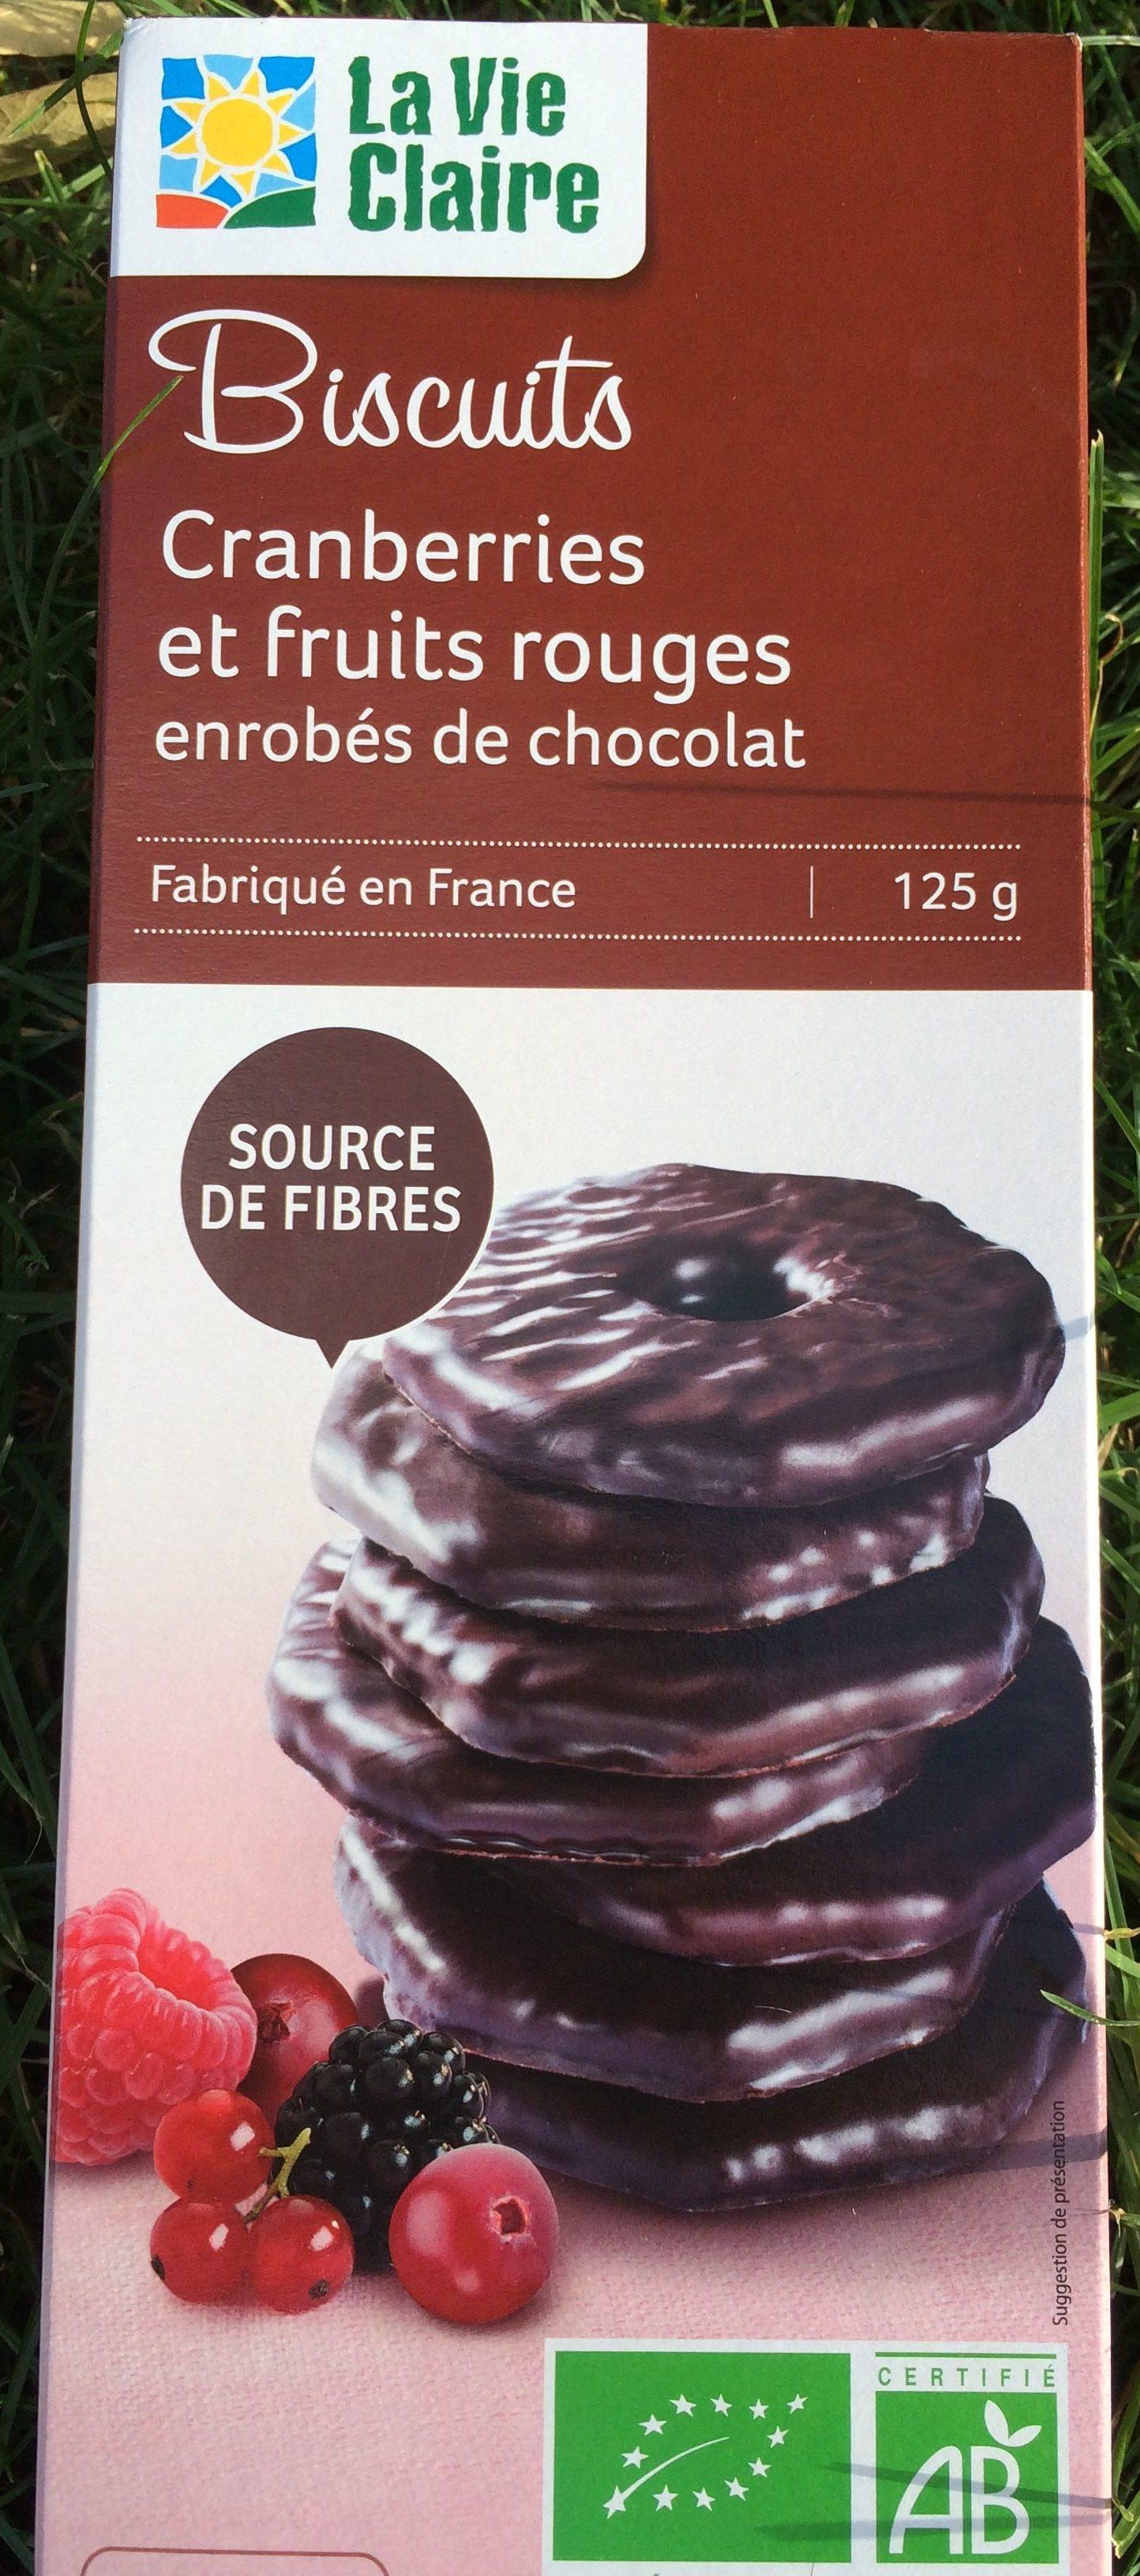 Biscuits Cranberries et Fruits Rouges Enrobés de Chocolat - Product - fr